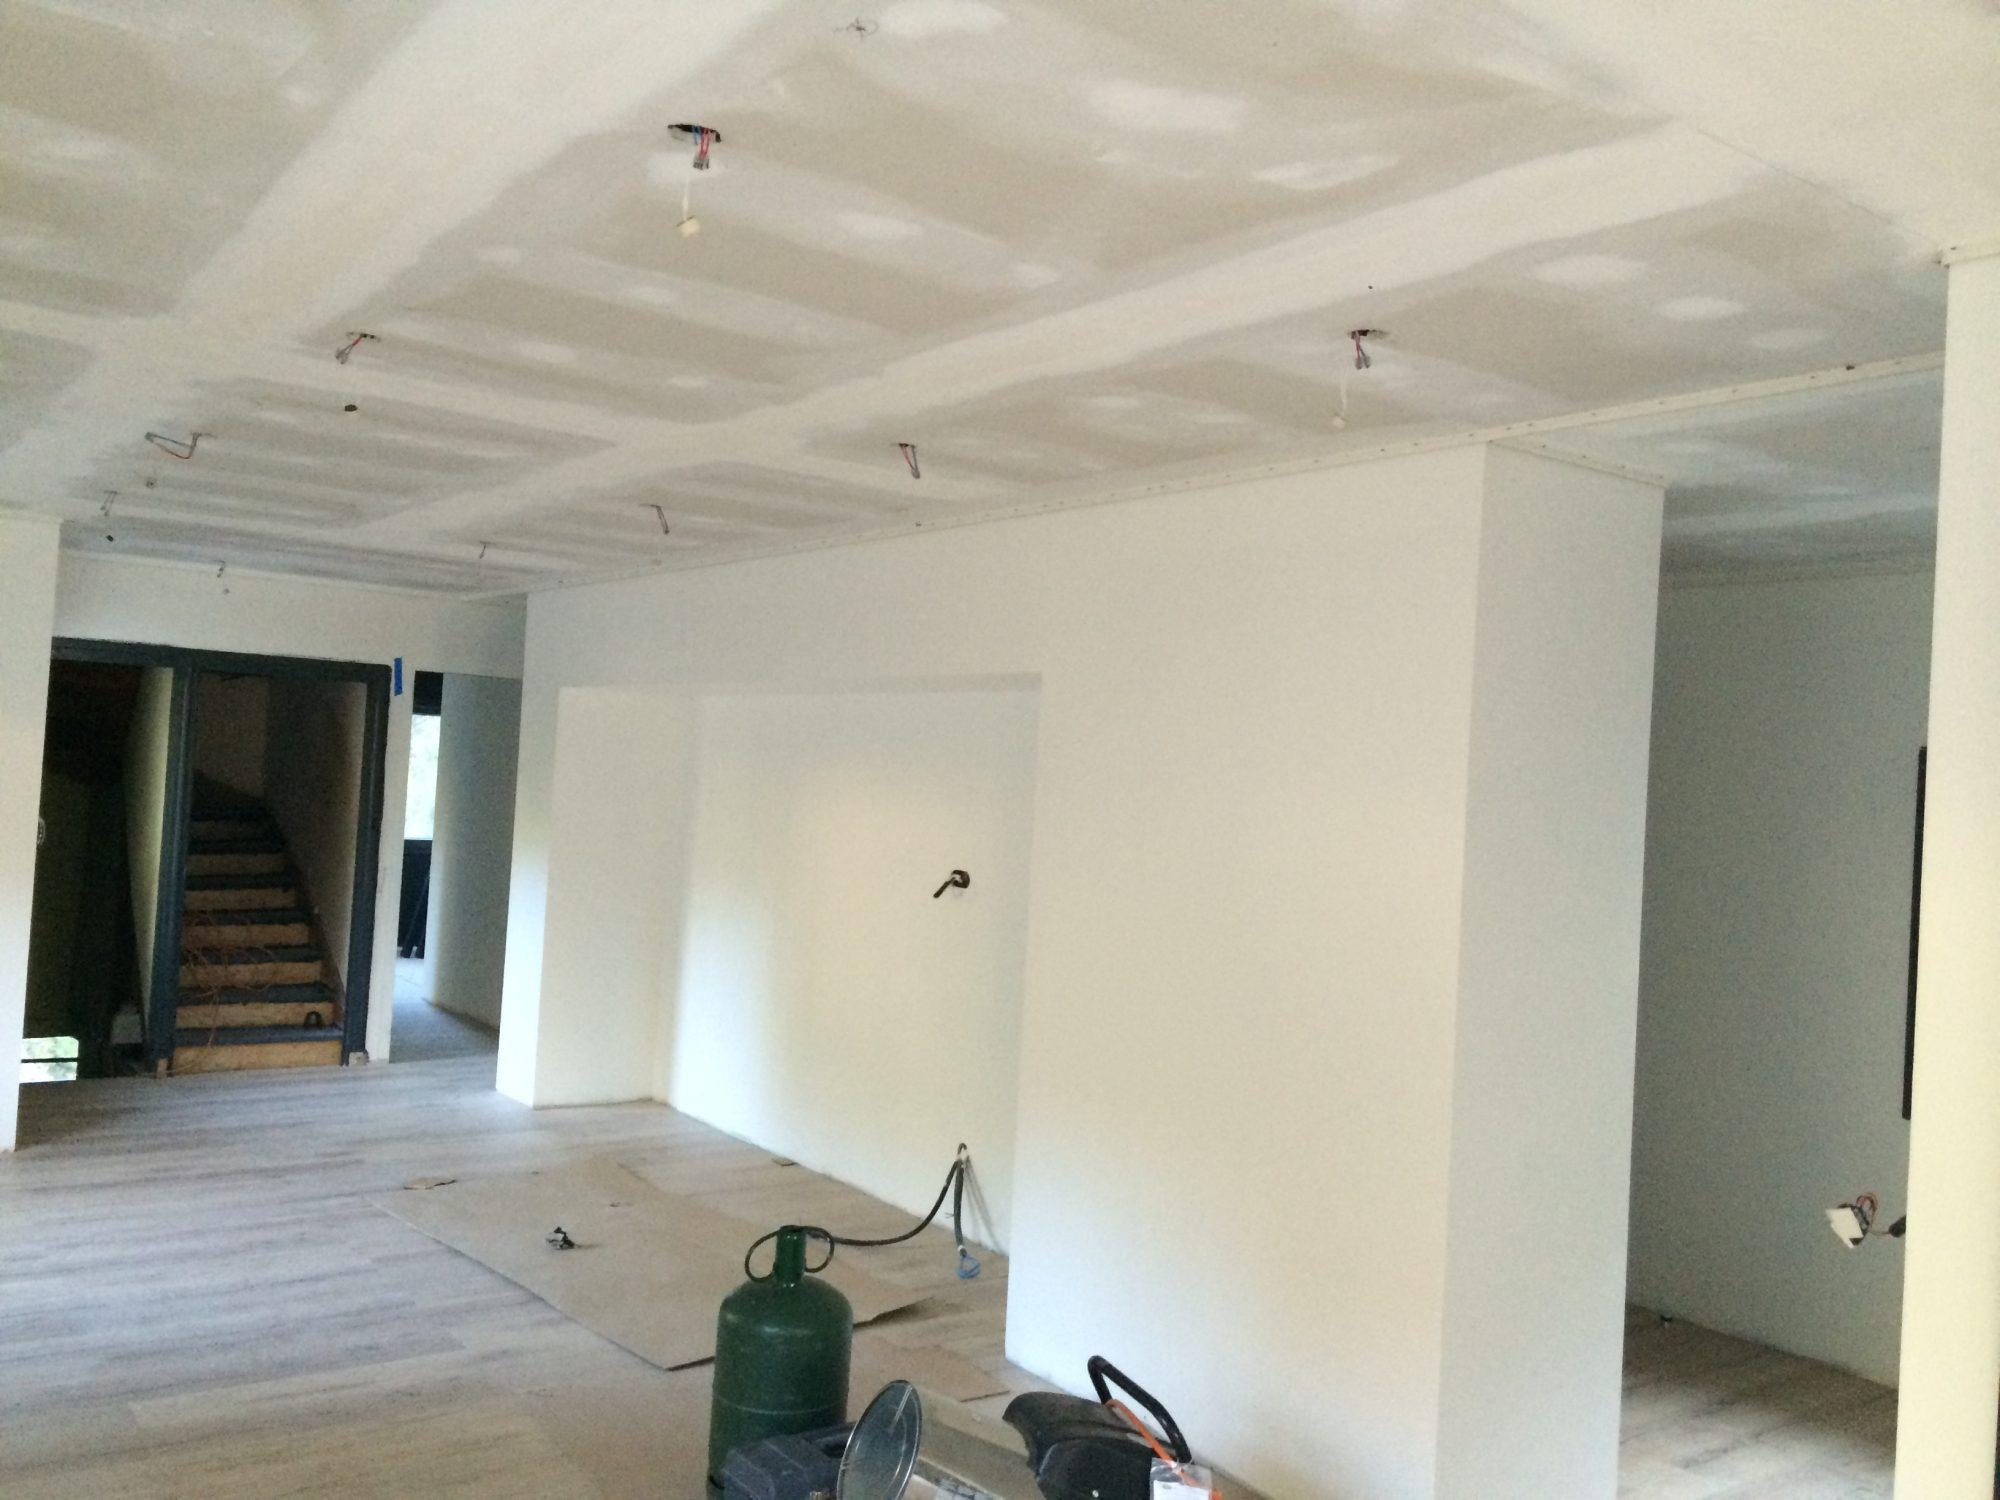 Toile À Enduire Plafond comment restaurer un plafond ? - atmosphère créations